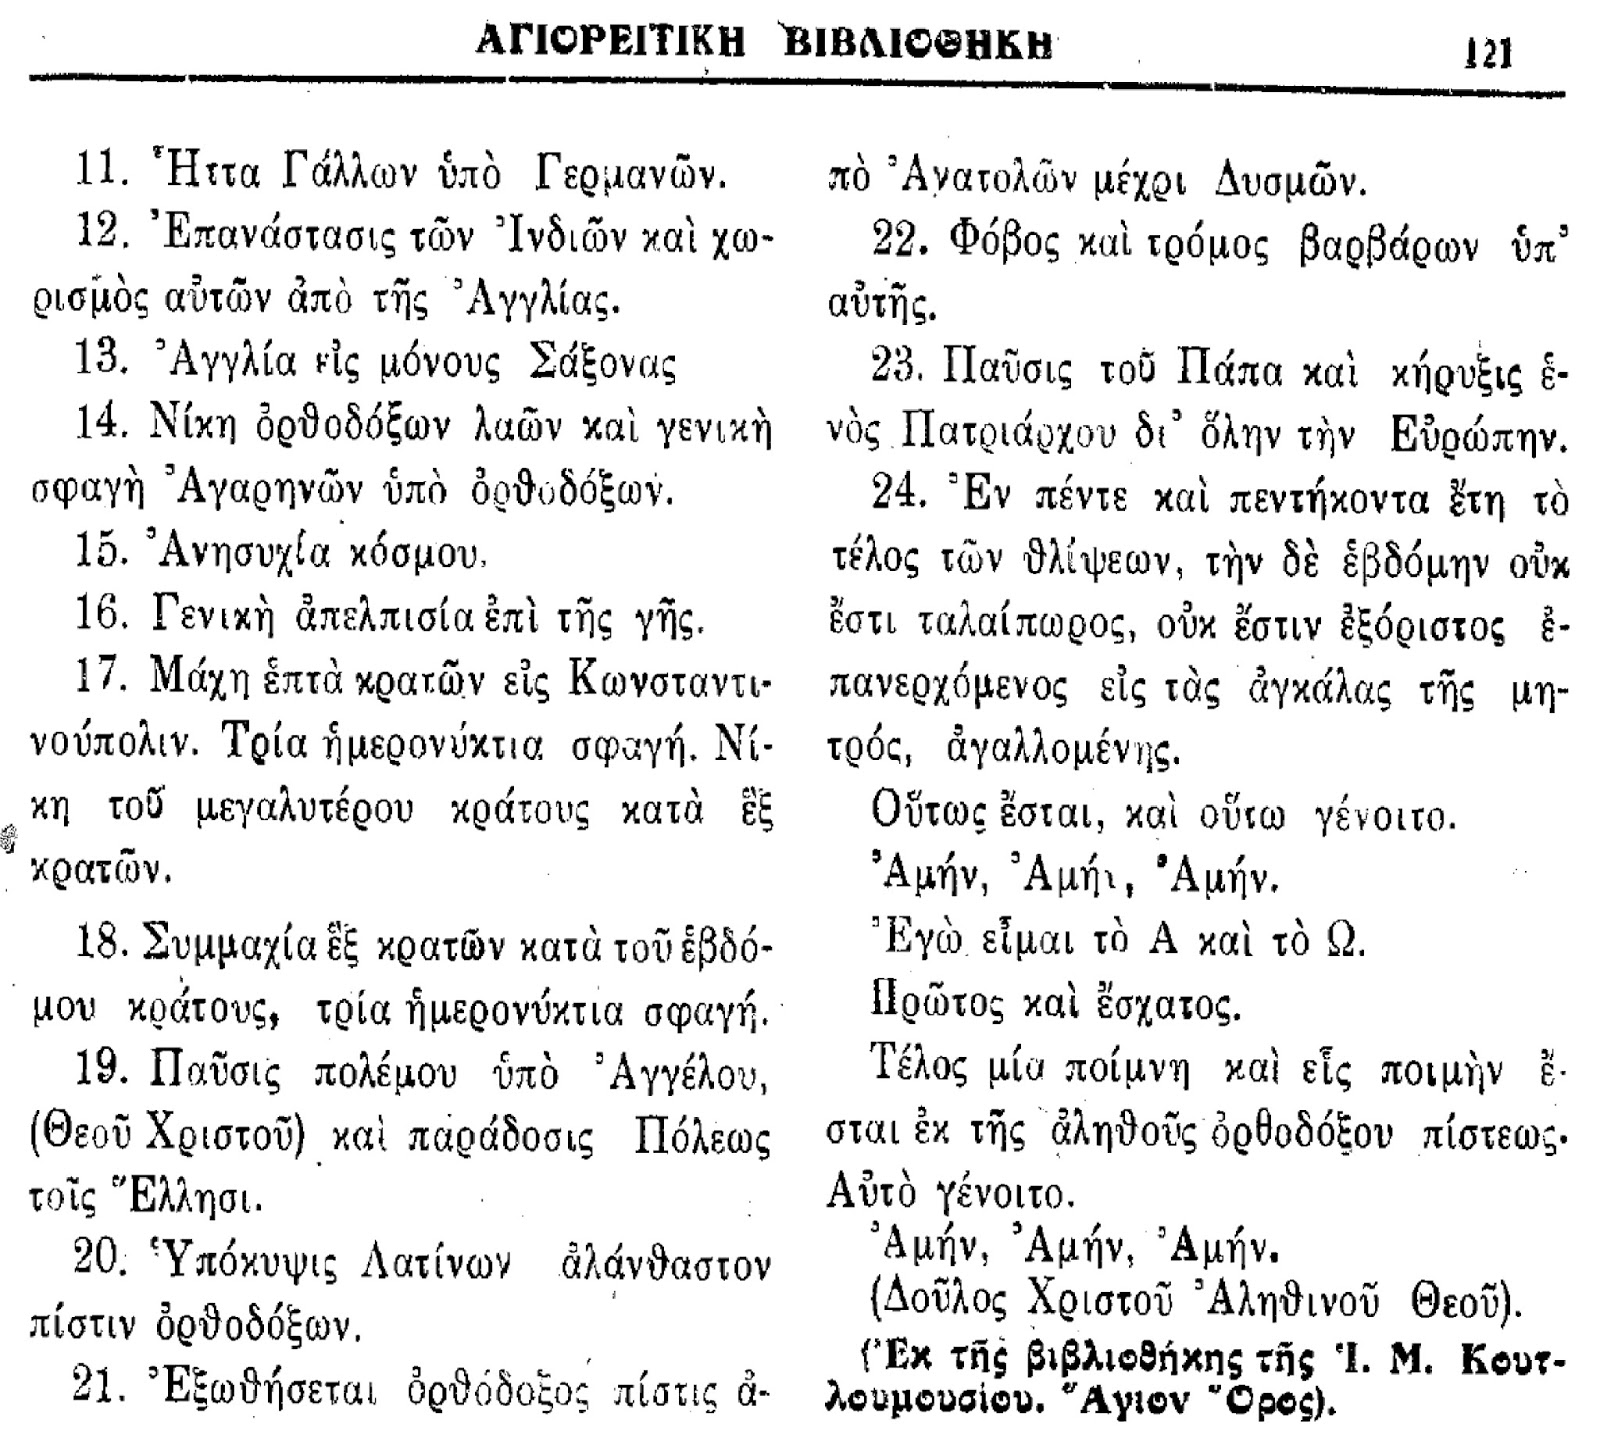 Η προφητεία του 1053 από την Ιερά Μονή Κουτλουμουσίου | ΑΓΙΟΝ ΟΡΟΣ | | αποκάλυψη | ΑΓΙΟΝ ΟΡΟΣ | orthodoxia.online